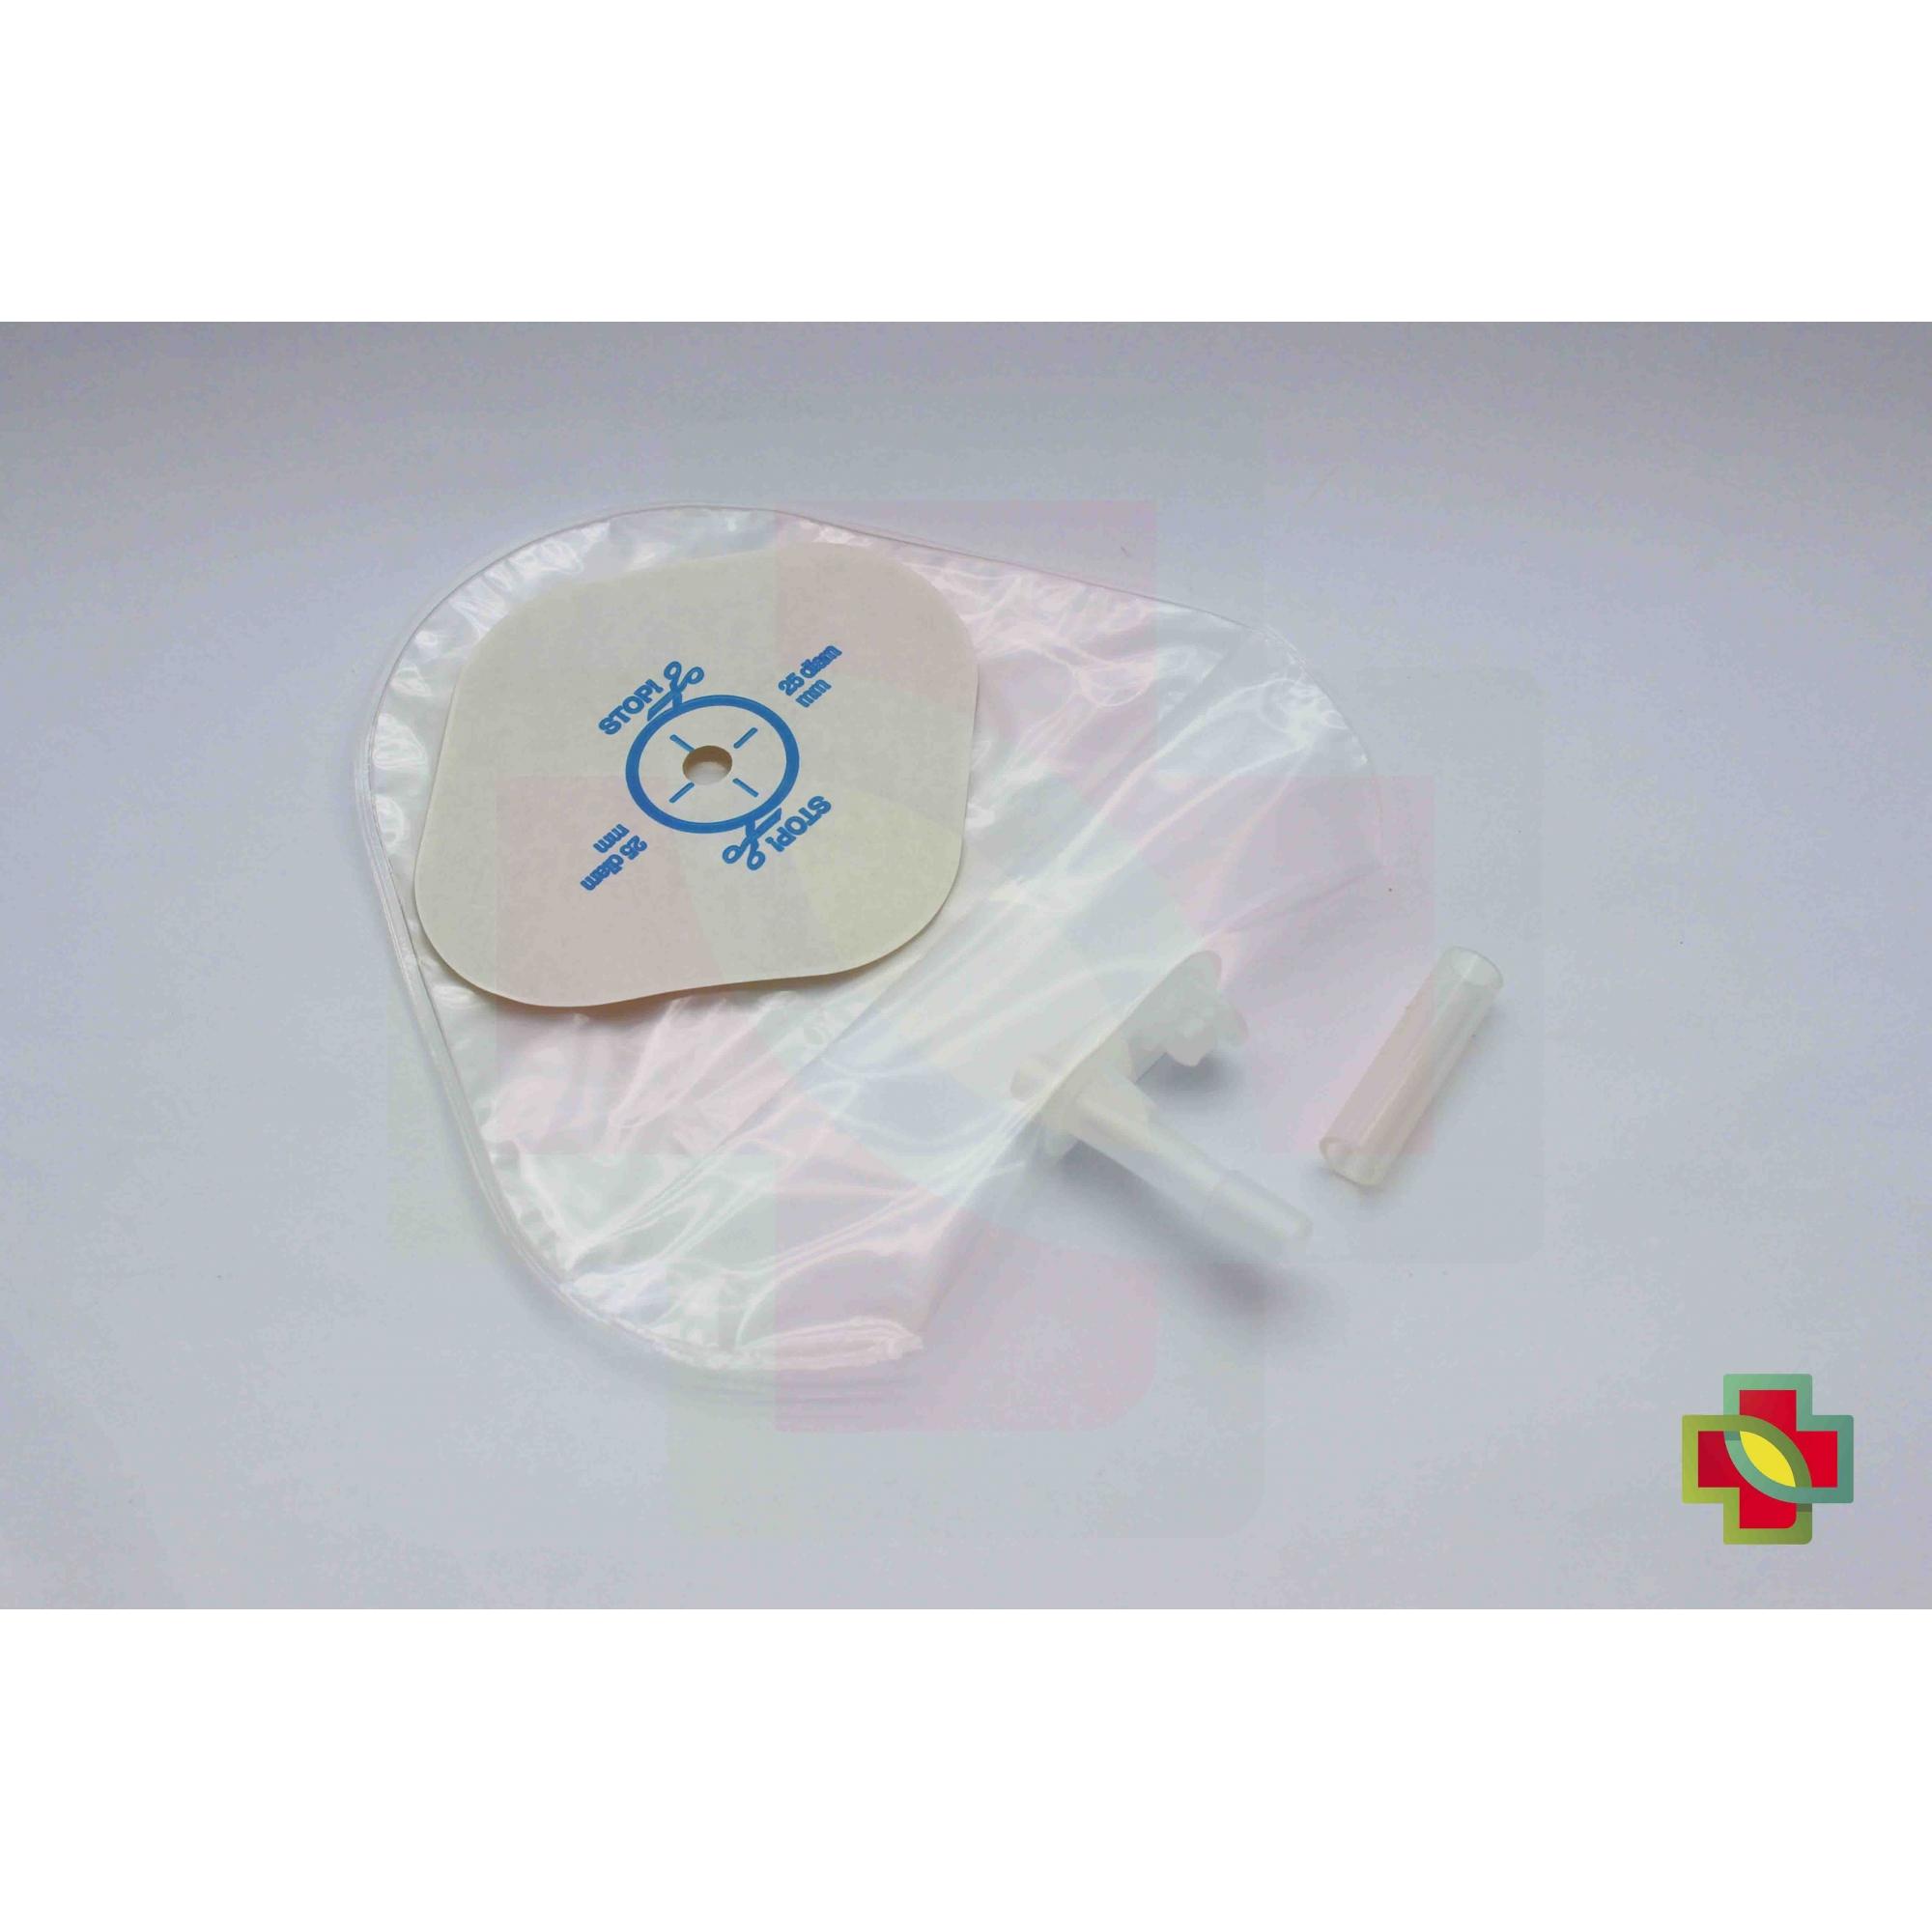 BOLSA DE UROSTOMIA ACTIVE LIFE INFANTIL TRANSPARENTE DRENÁVEL 8/25 MM (UND.) 20917 - CONVATEC